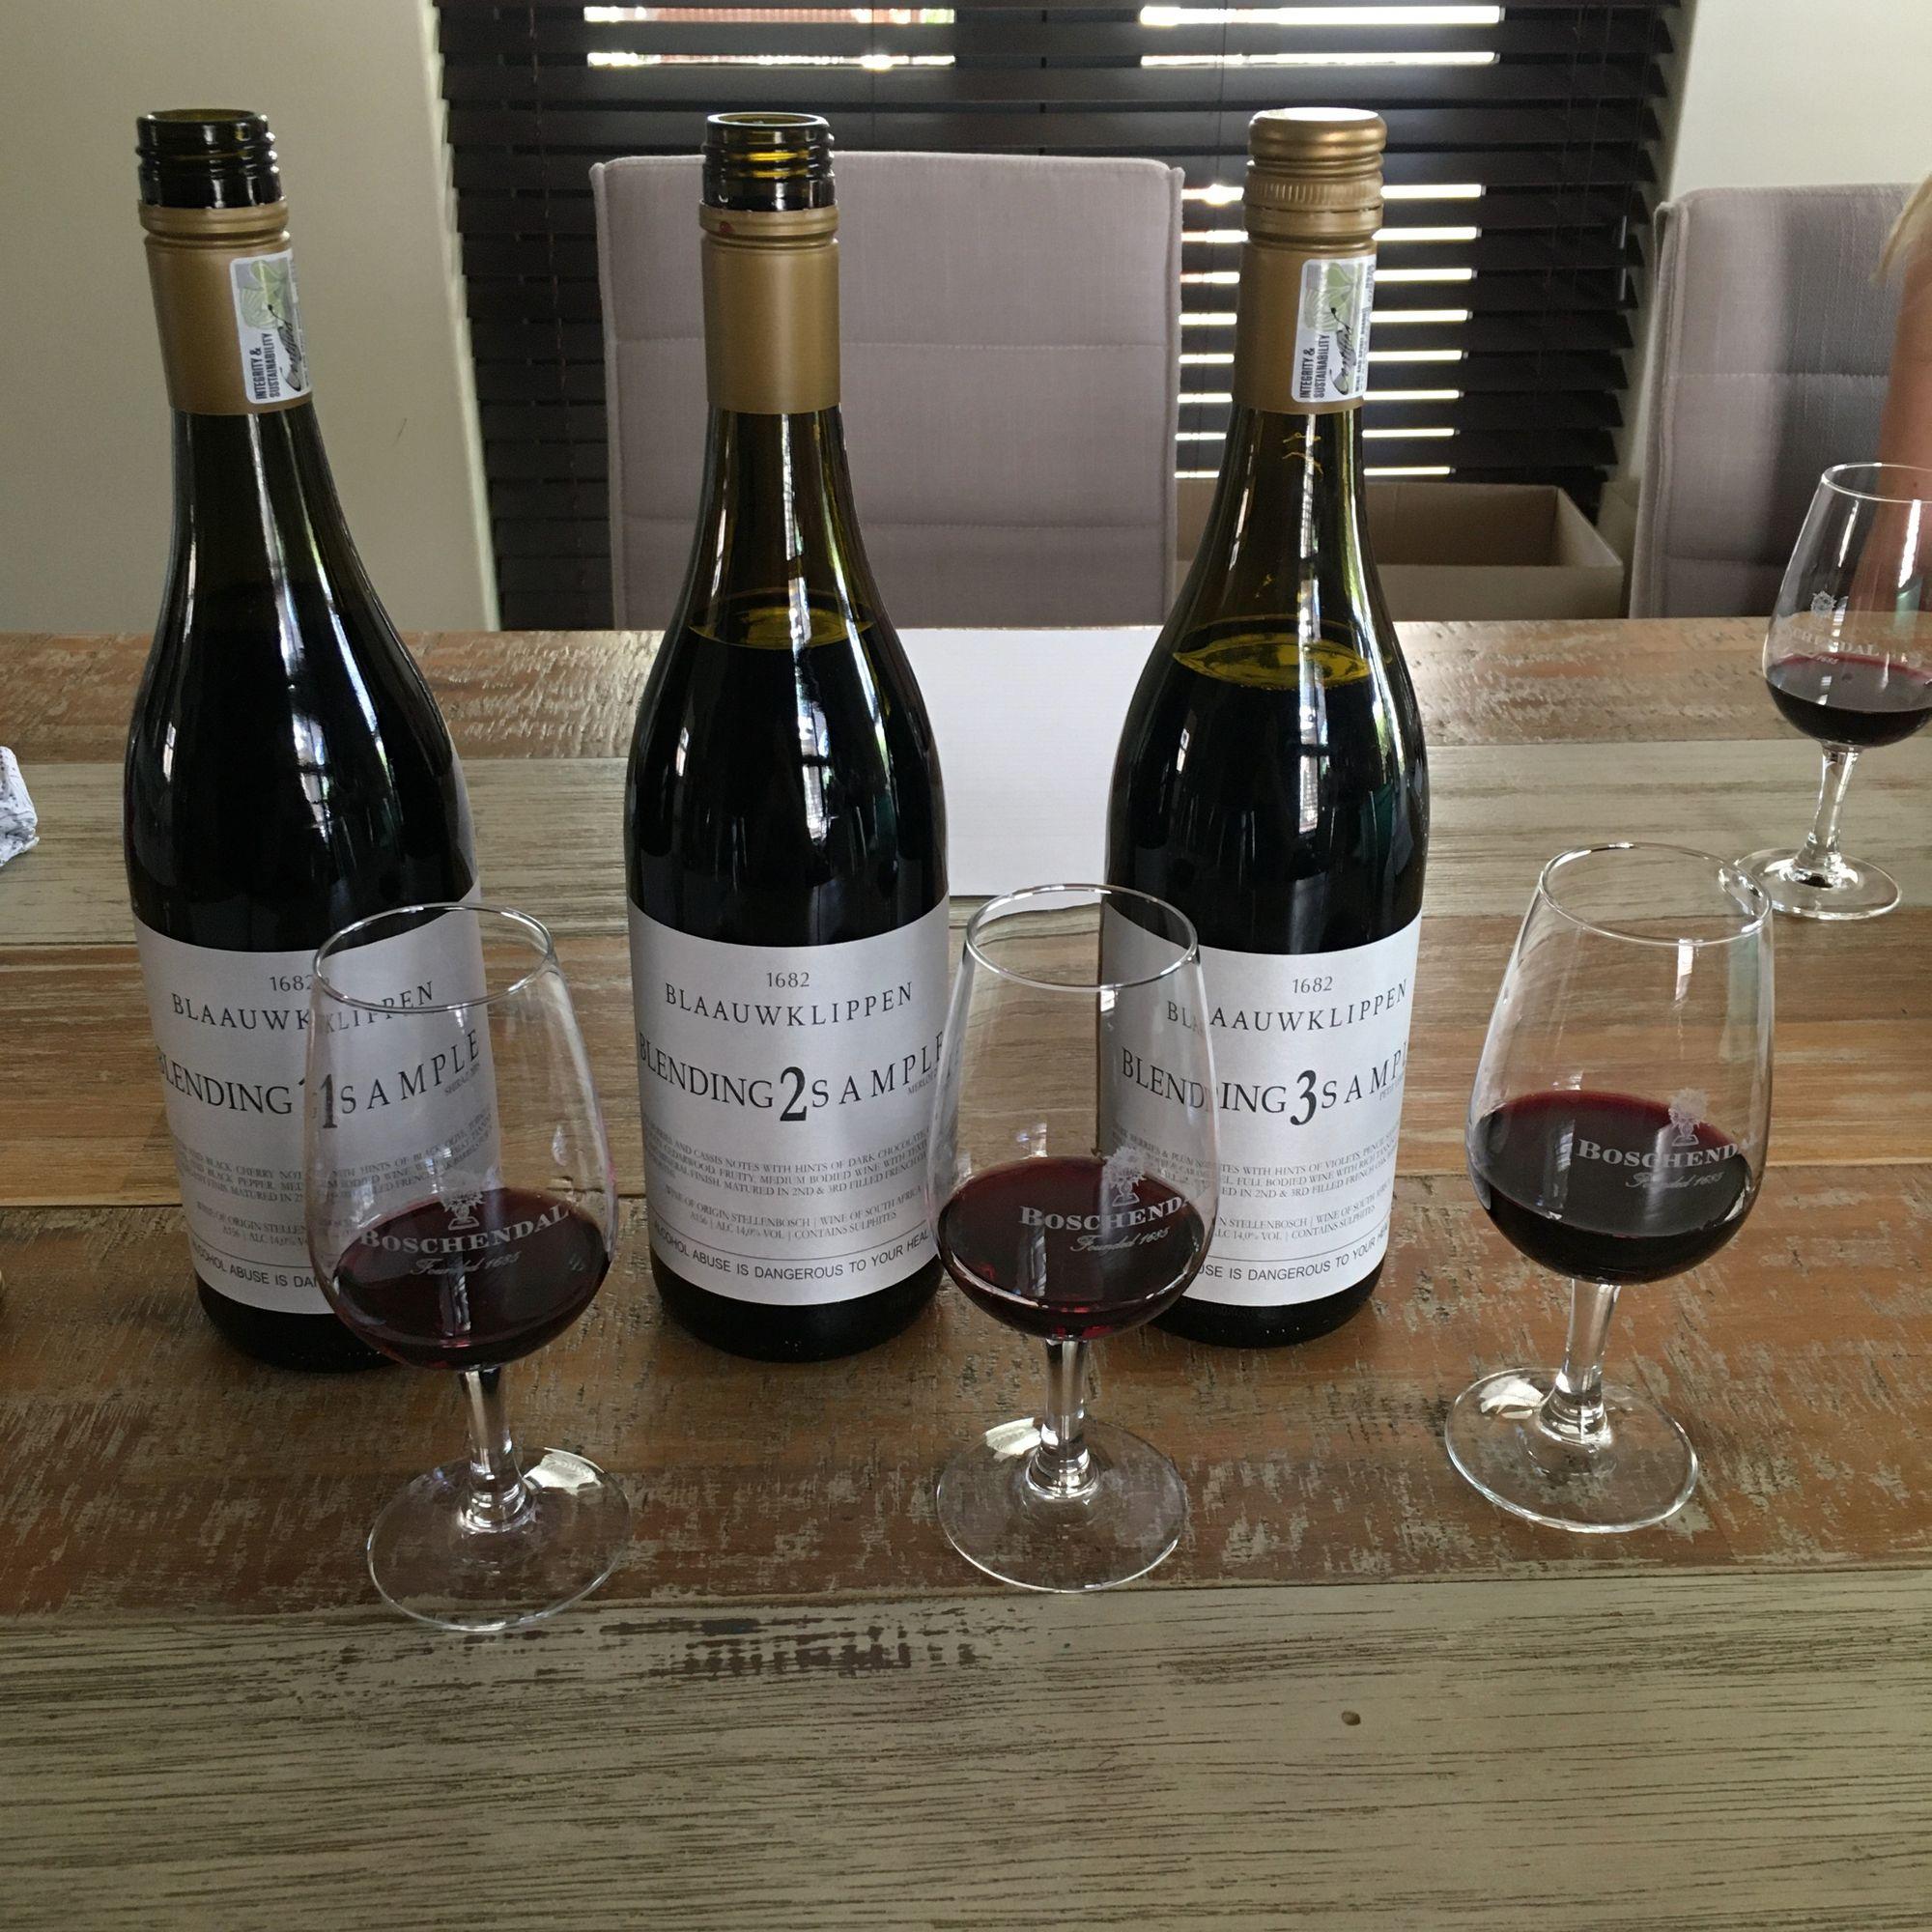 Wine 1 - 2018 Shiraz; Wine 2 - 2018 Merlot; Wine 3 - 2018 Petit Verdot